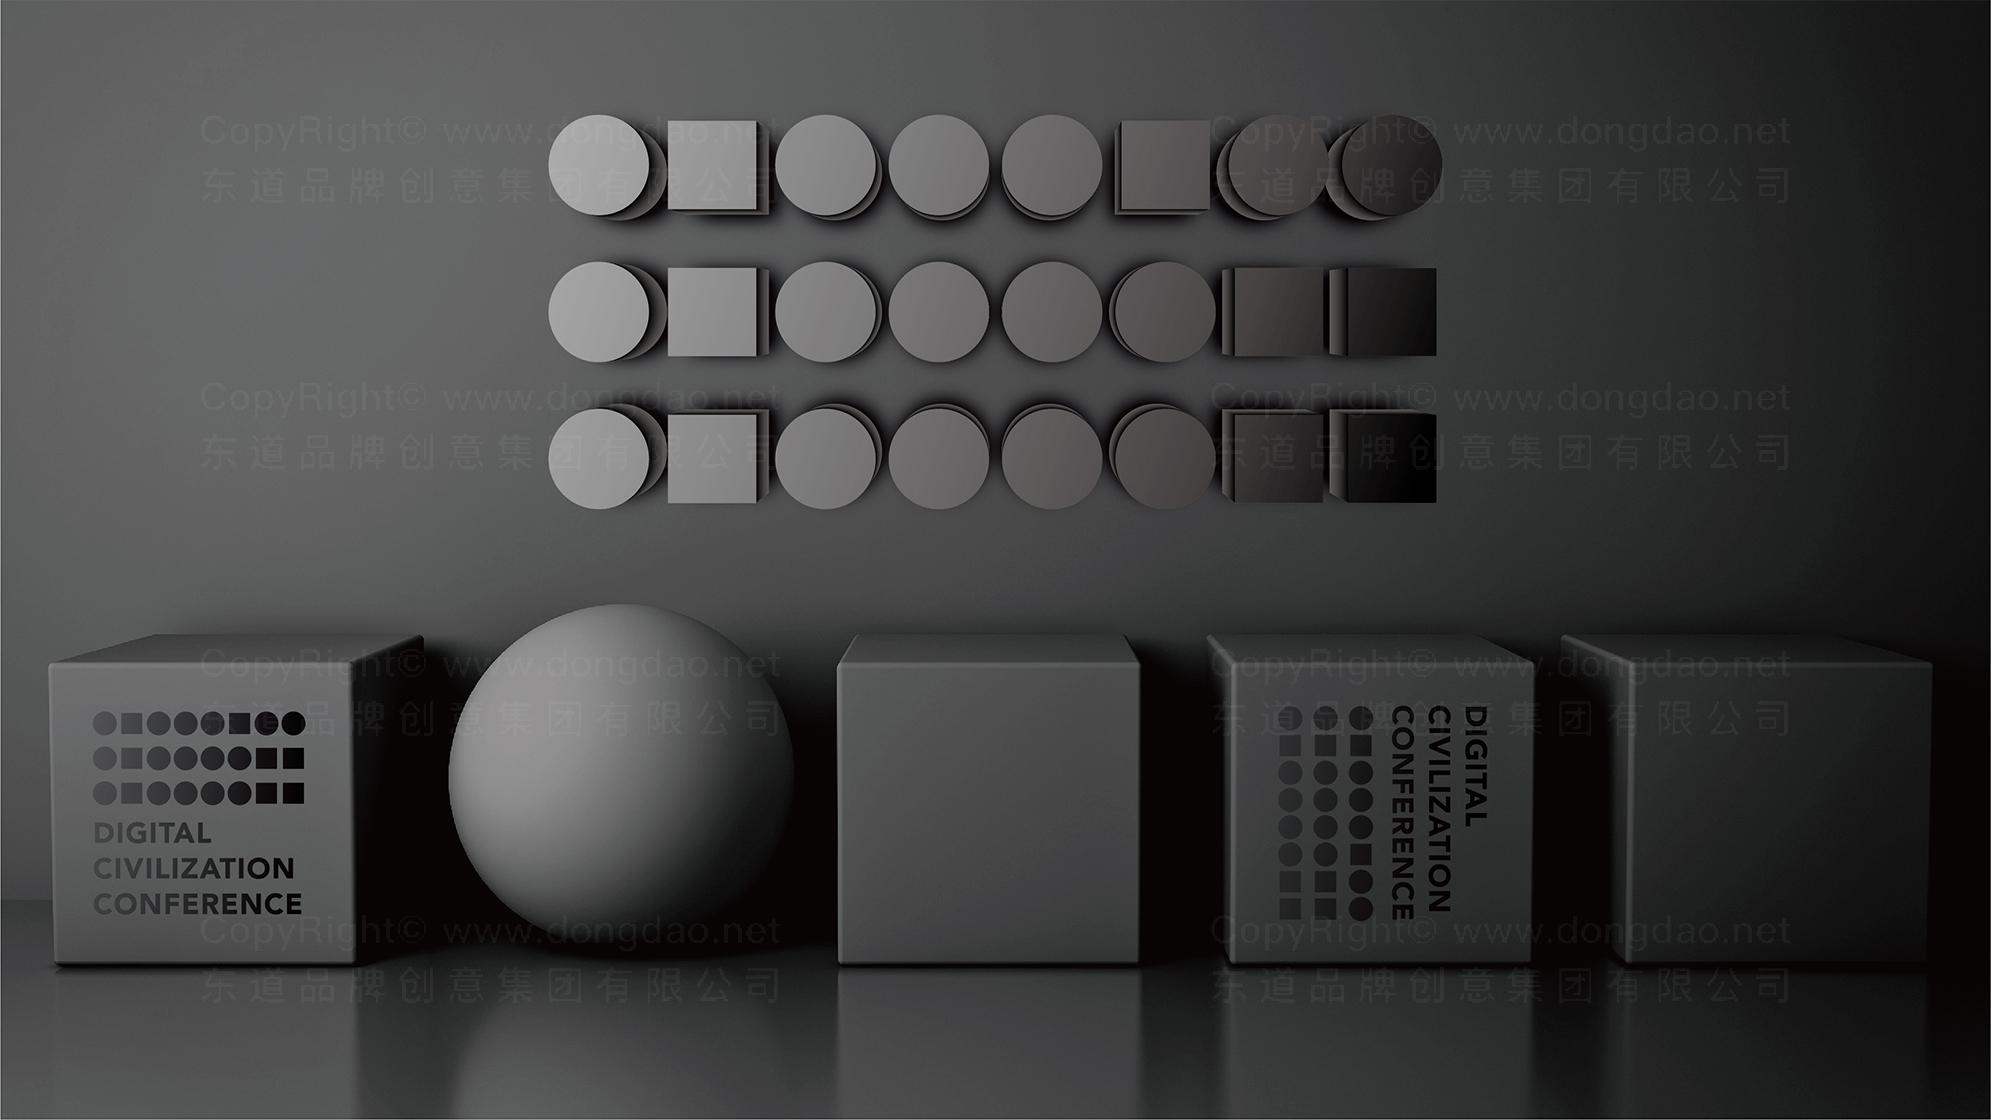 品牌设计数字文明大会标志设计应用场景_10